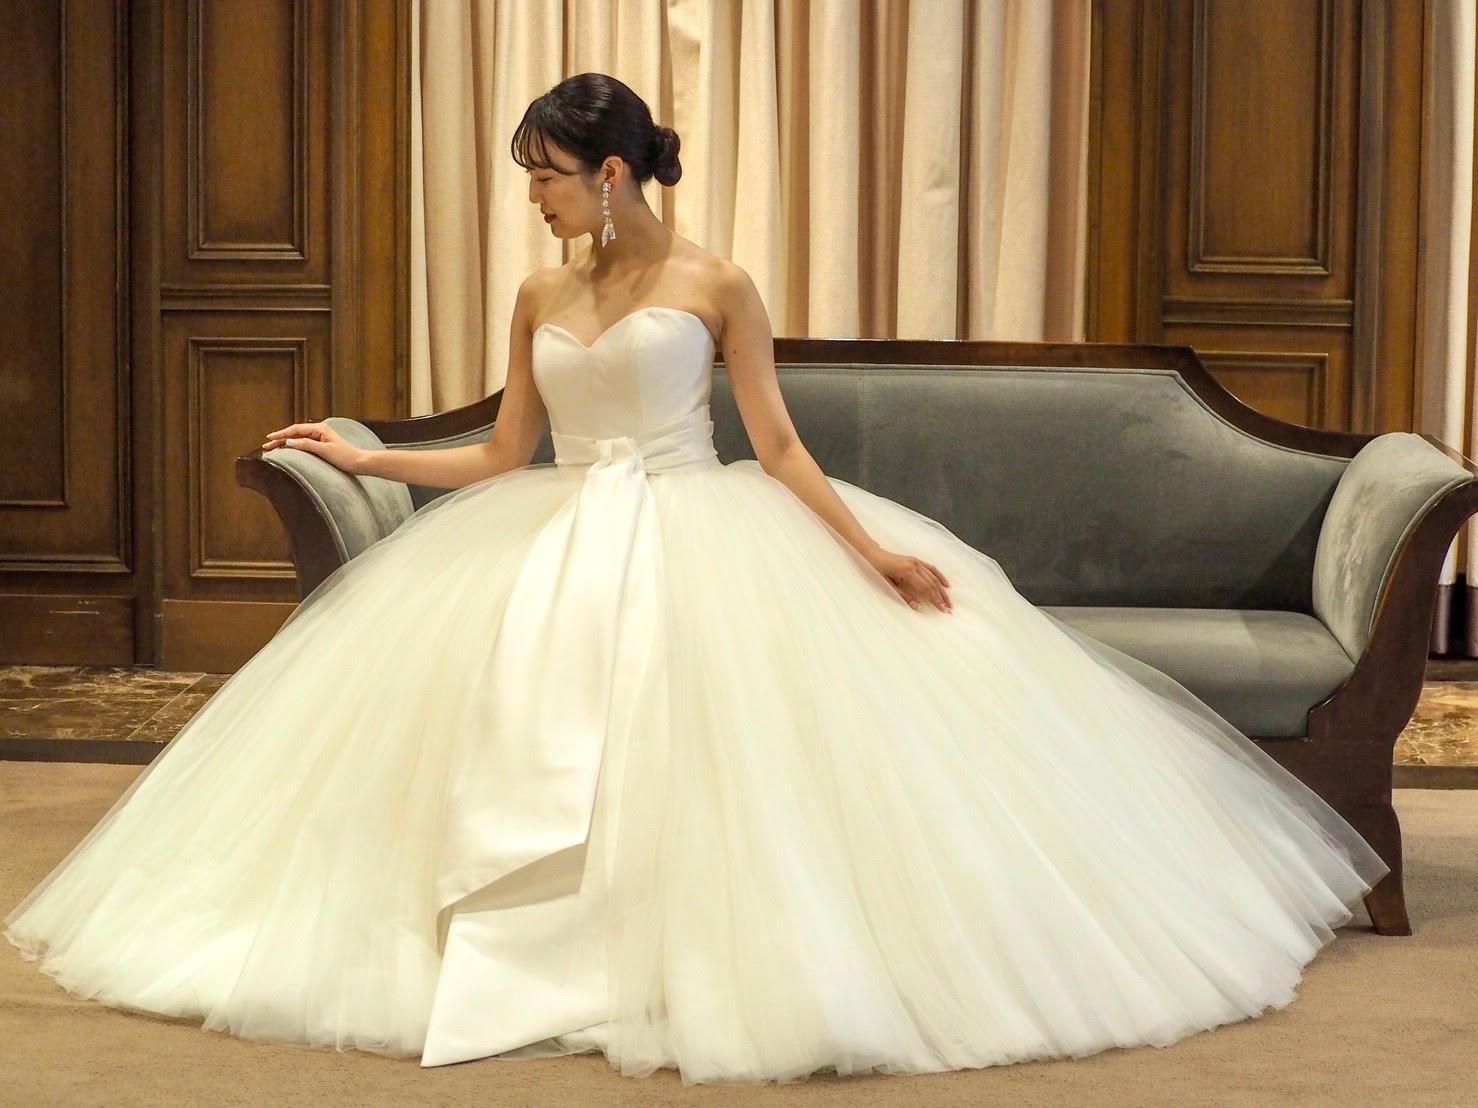 トリートドレッシング神戸店で取り扱いのあるヴィクターアンドロルフの特別感のあるプリンセスラインの花嫁らしいチュールが沢山使われたリボンモチーフの可愛いウェディングドレスドレス